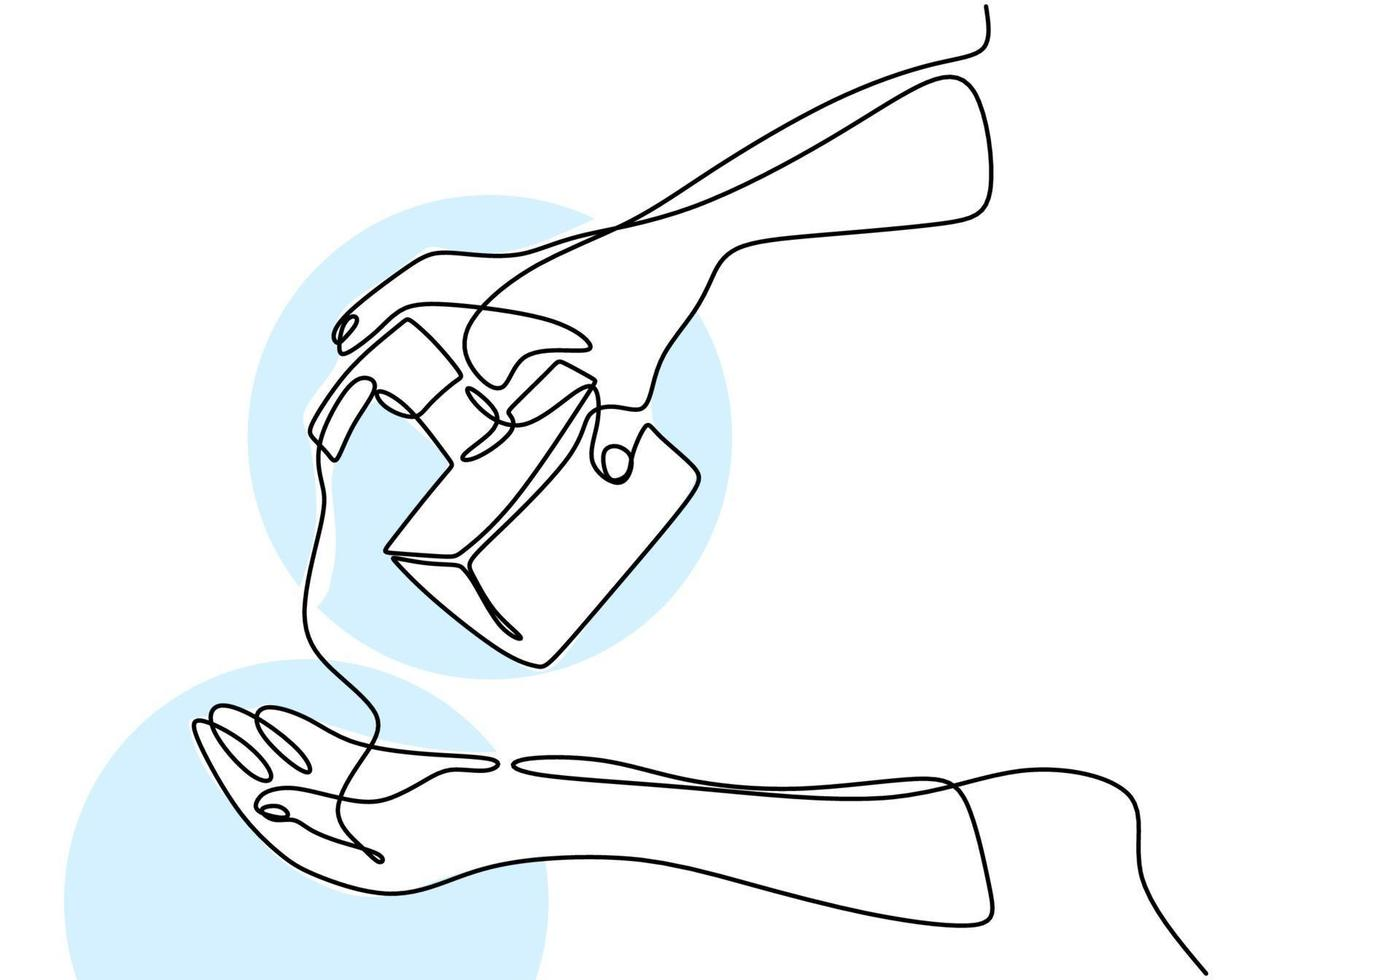 Contínuo um desenho de linha mão segurando líquido sop. desinfetante para as mãos para limpar as mãos e evitar o vírus covid-19. lave sua mão. anti-séptico em frasco isolado no fundo branco vetor